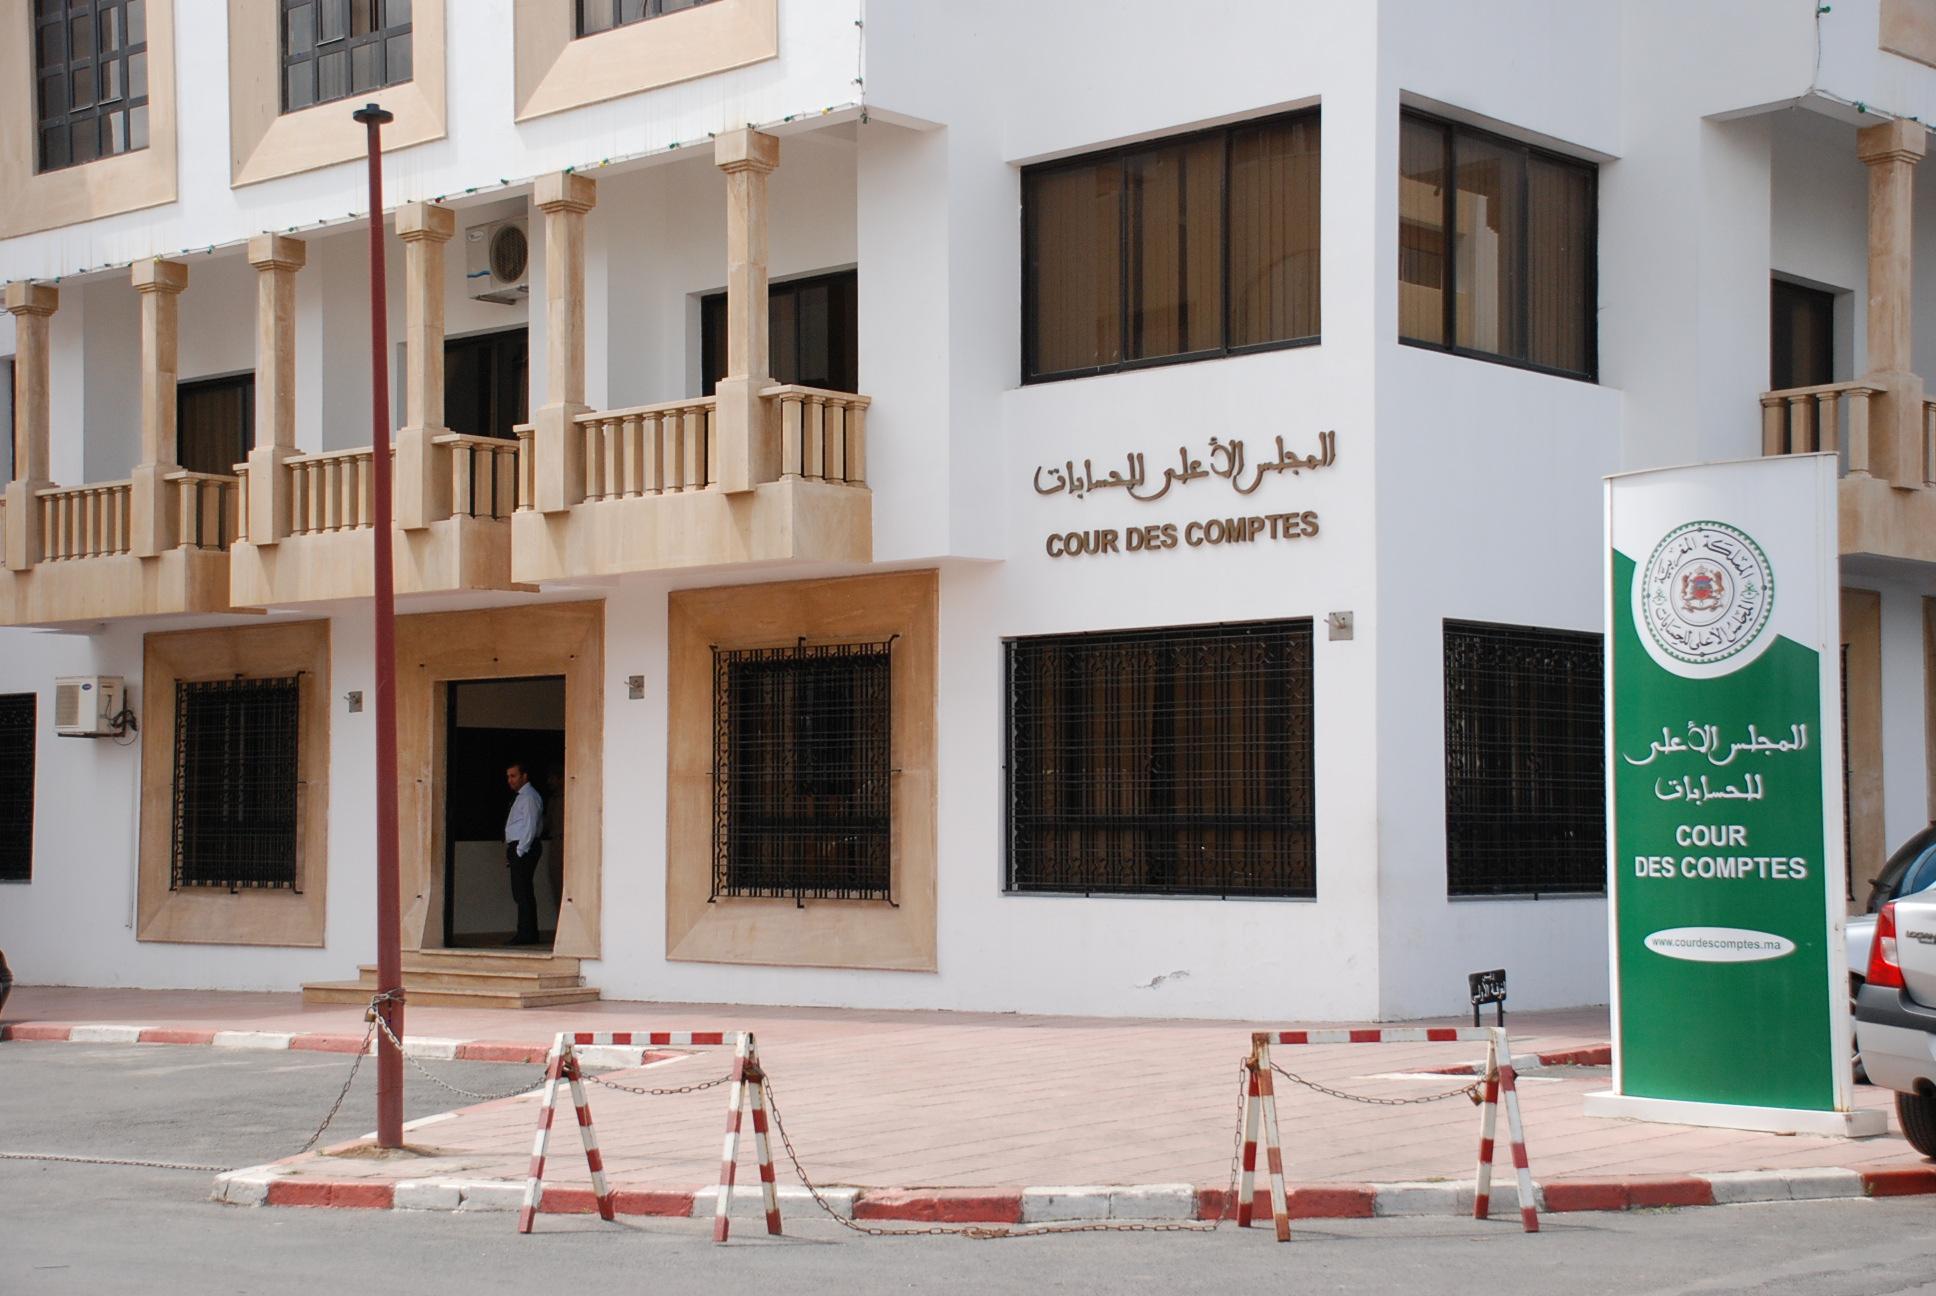 Dépenses électorales : La Cour des Comptes appelle les partis au dépôt des comptes dans les délais